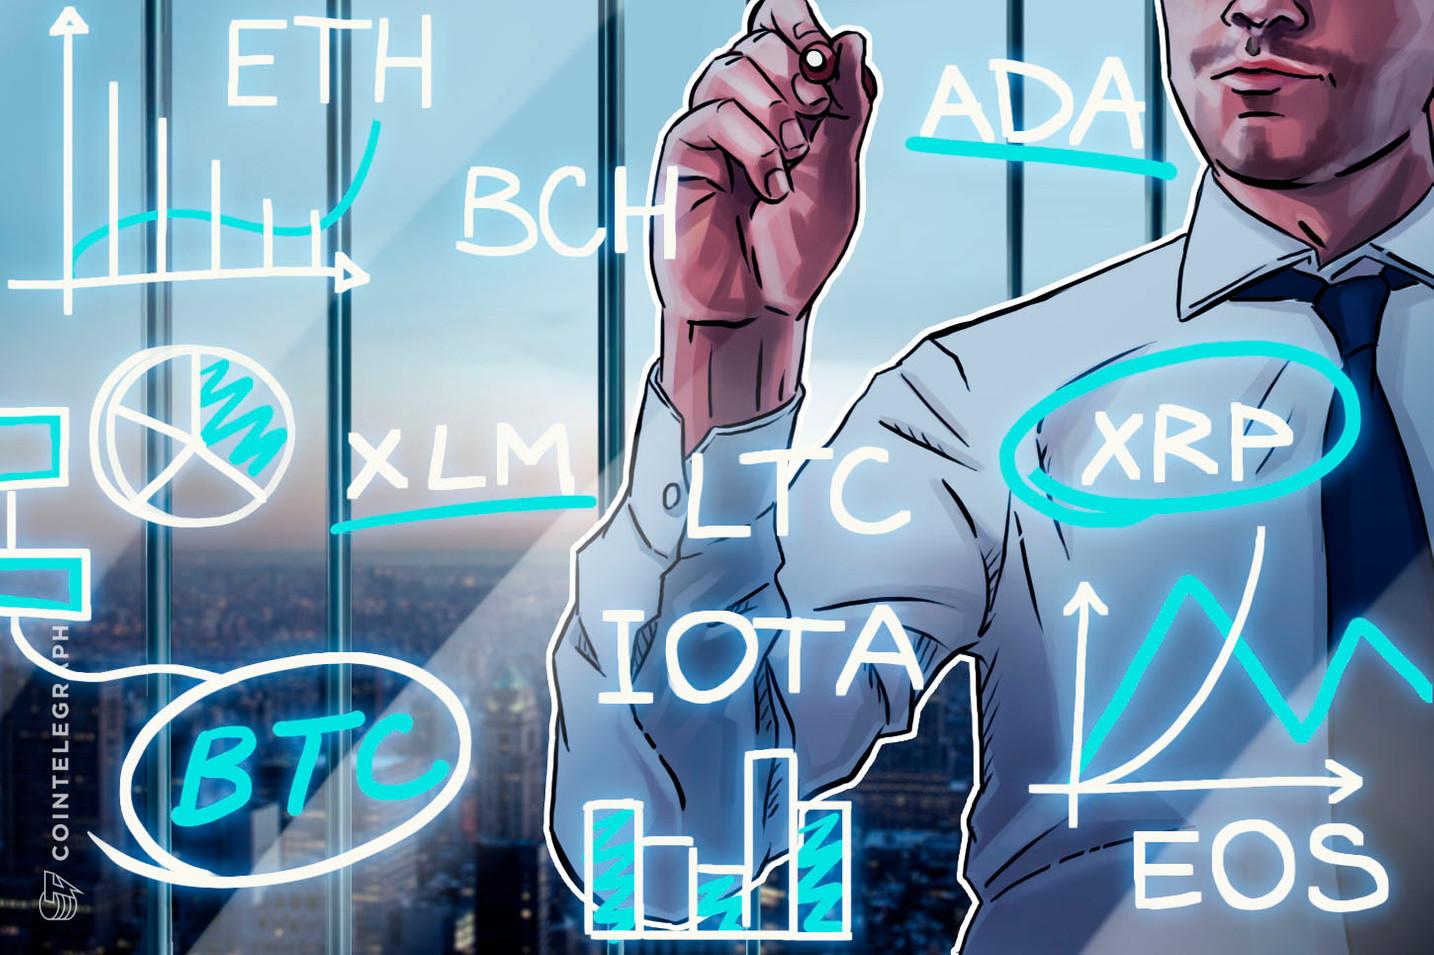 次のビットコインは6075.04ドルをめぐる攻防か 6月13日の主要仮想通貨チャート分析